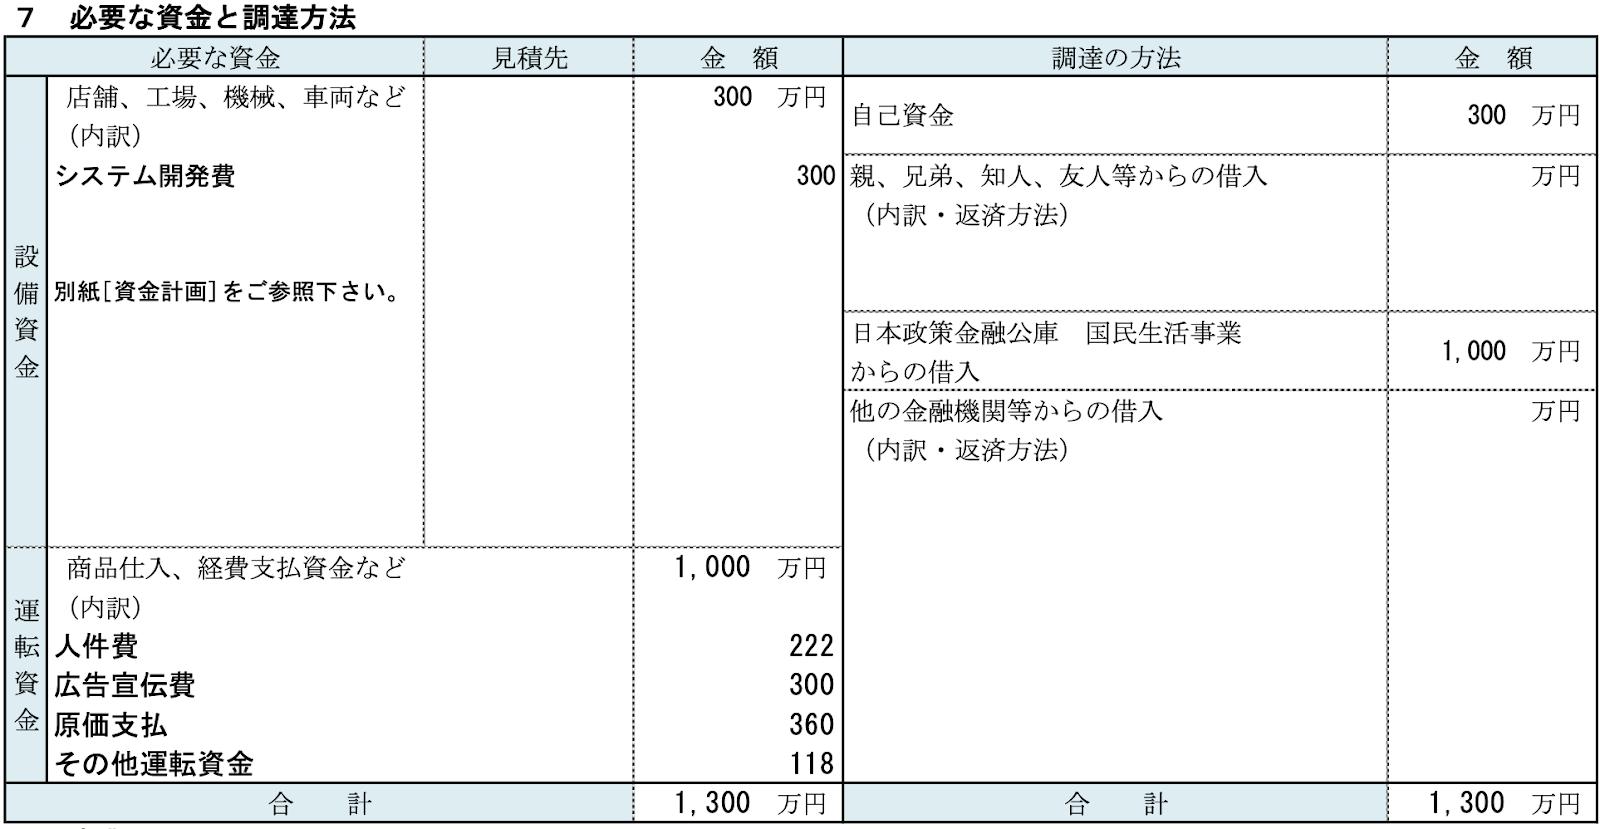 創業計画書の必要な資金と調達方法サンプル図